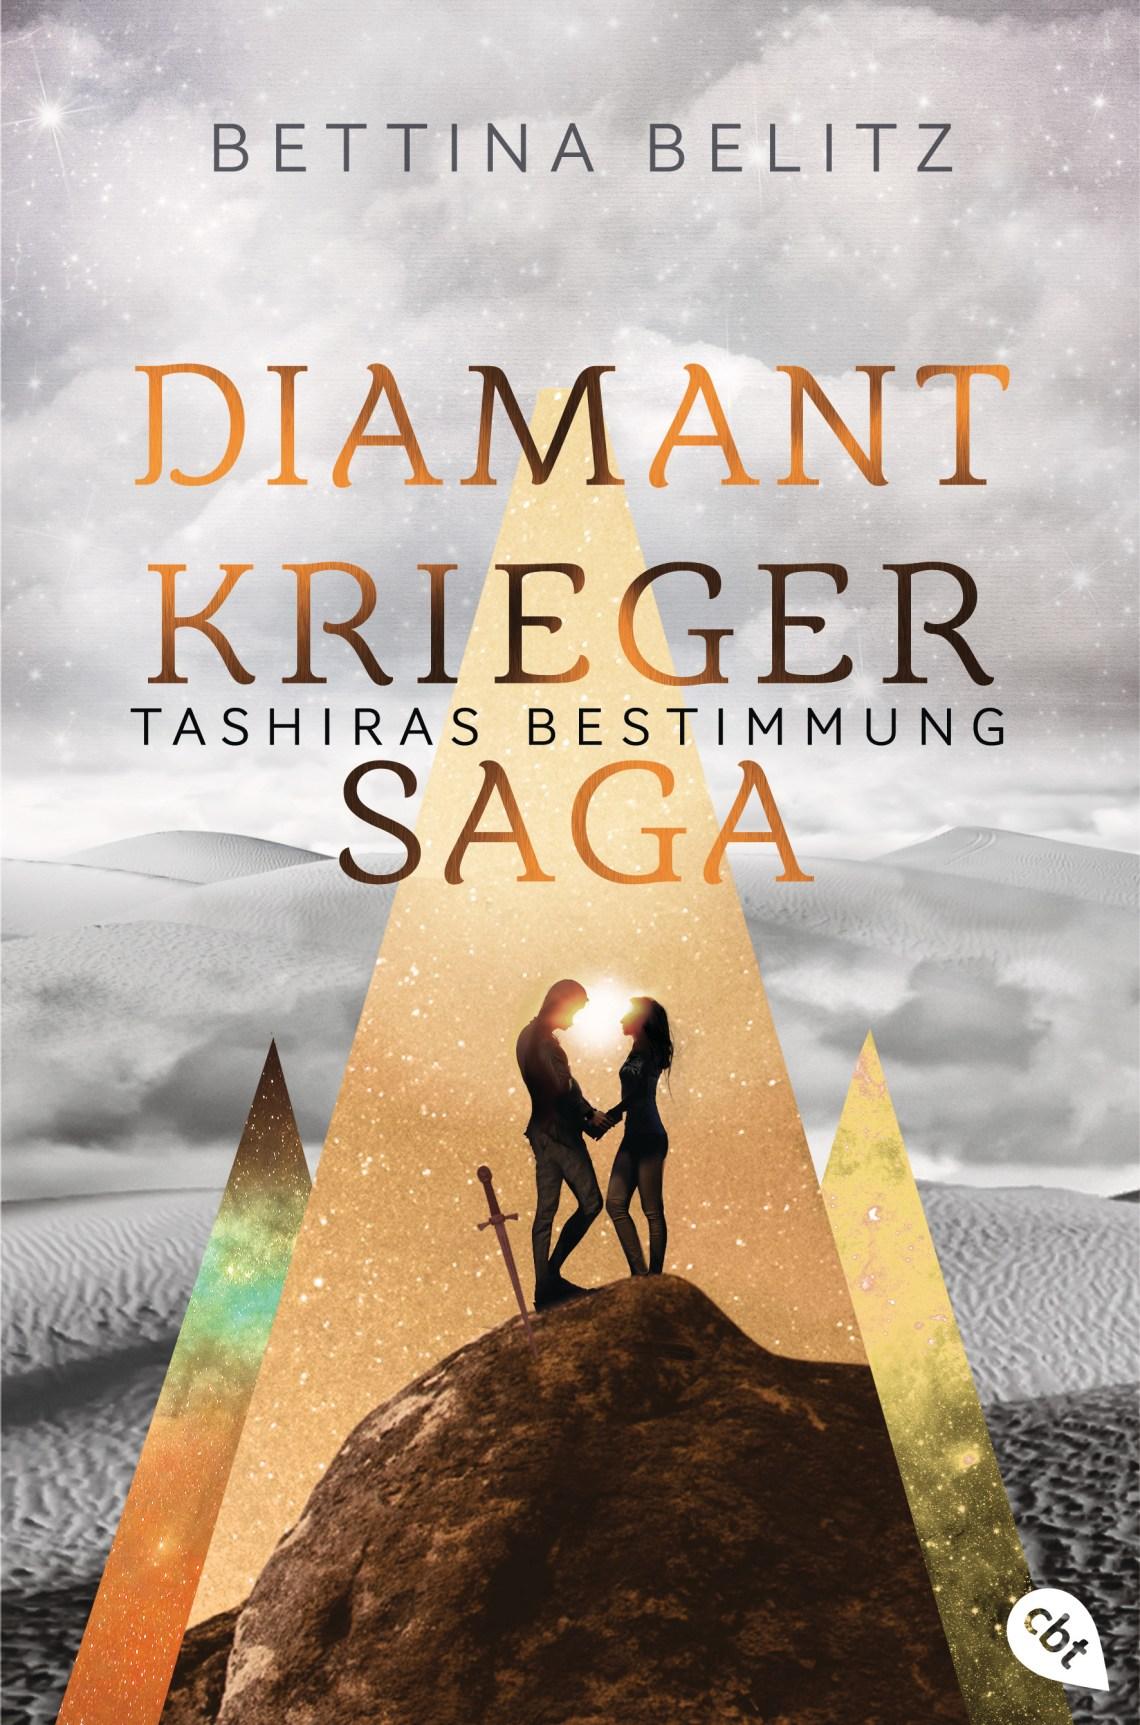 Die Diamantkrieger-Saga - Tashiras Bestimmung von Bettina Belitz